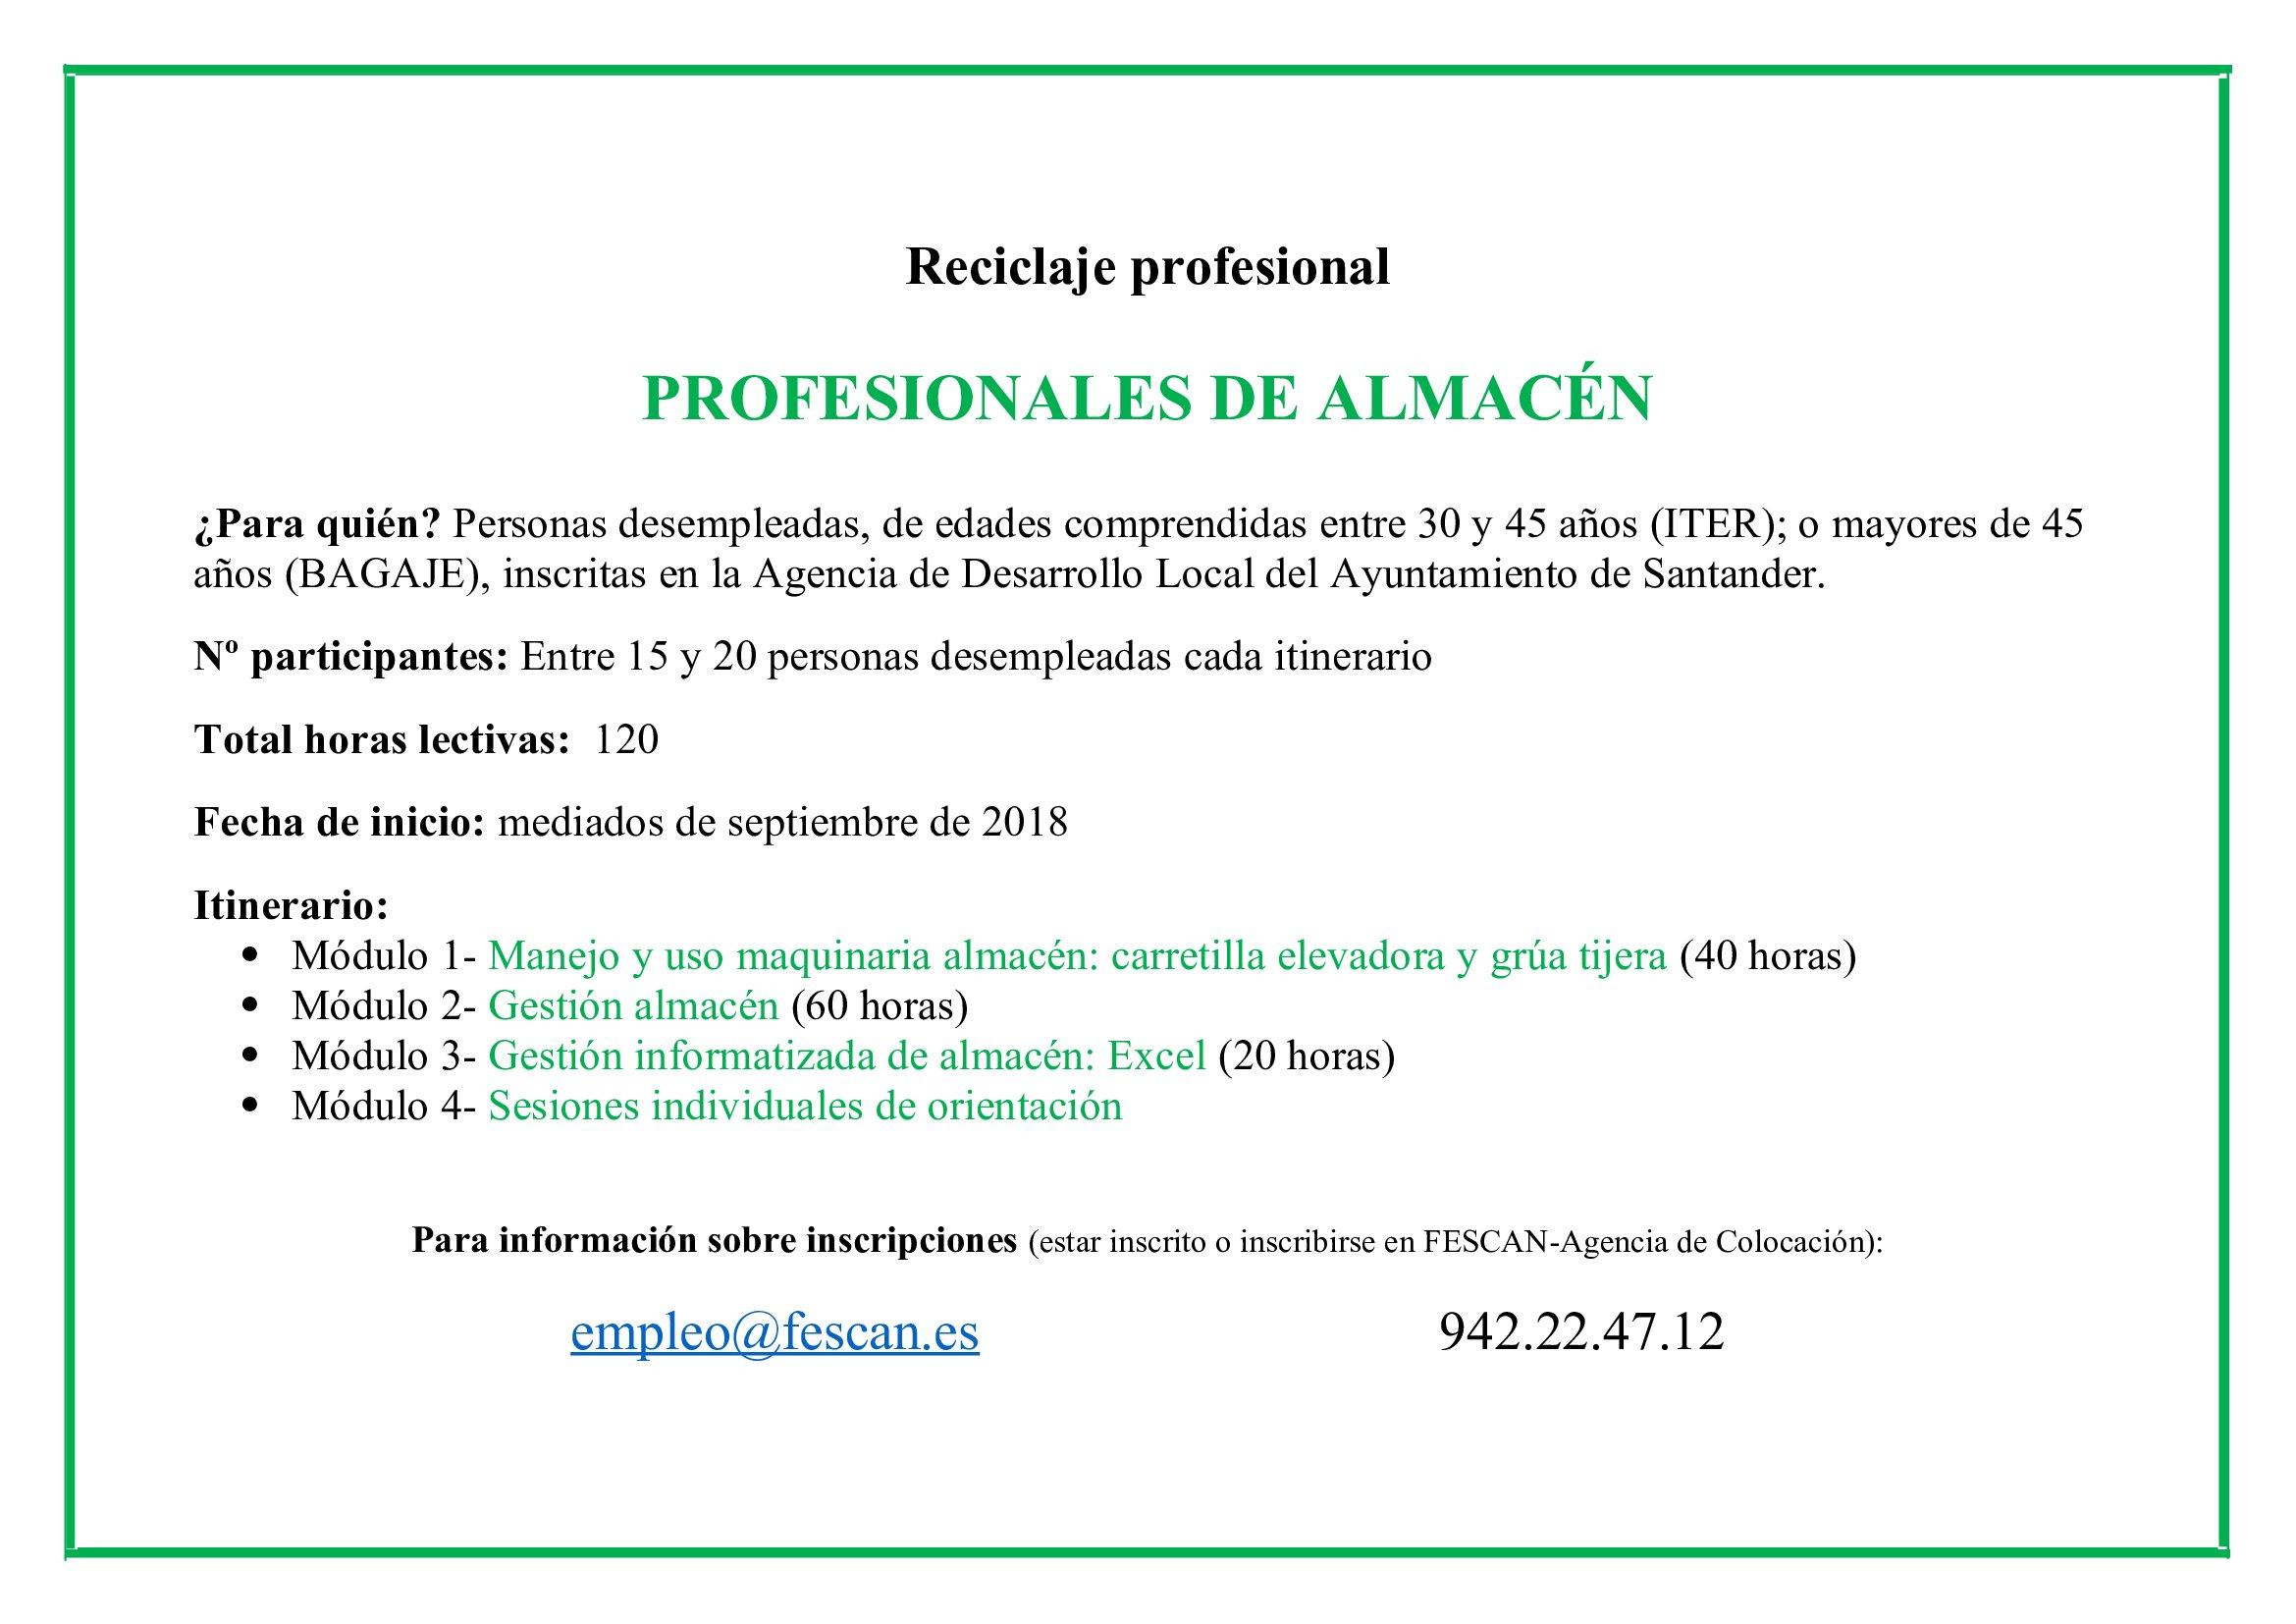 RECICLAJE PROFESIONAL: PROFESIONALES DE ALMACÉN